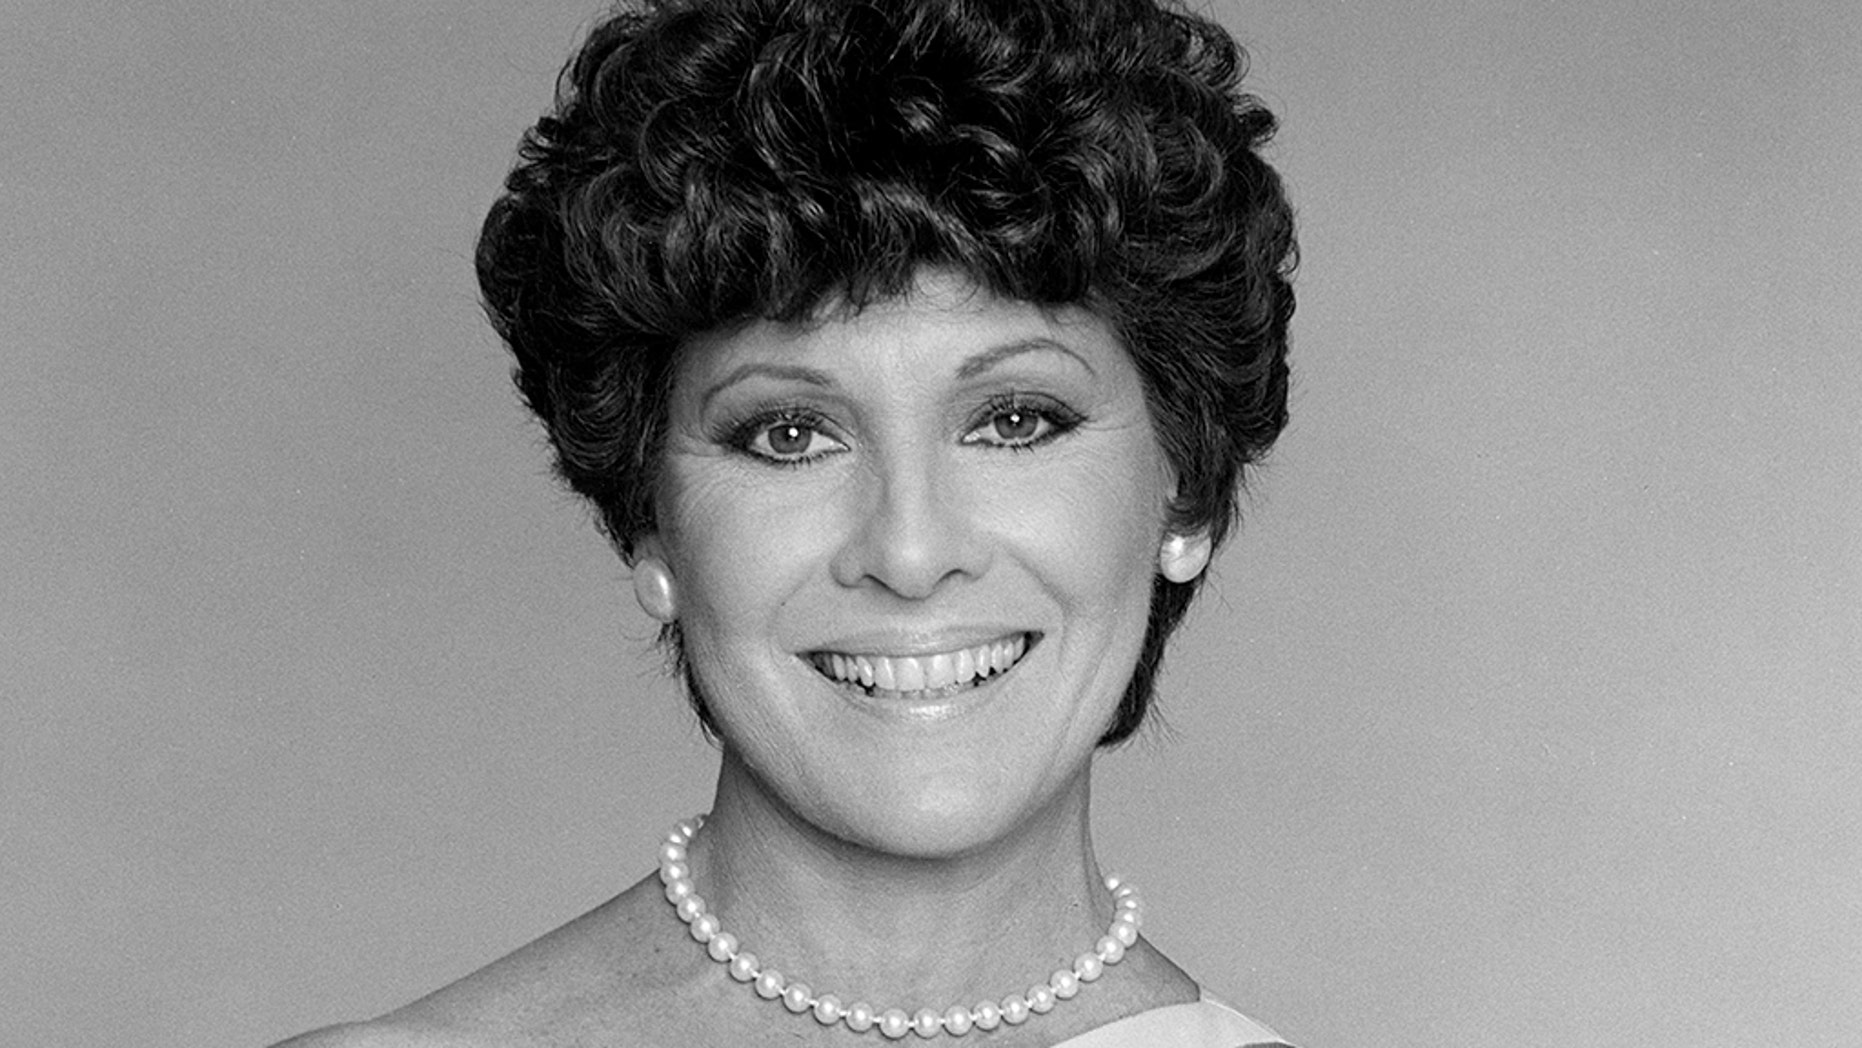 Susan Brown (American actress)